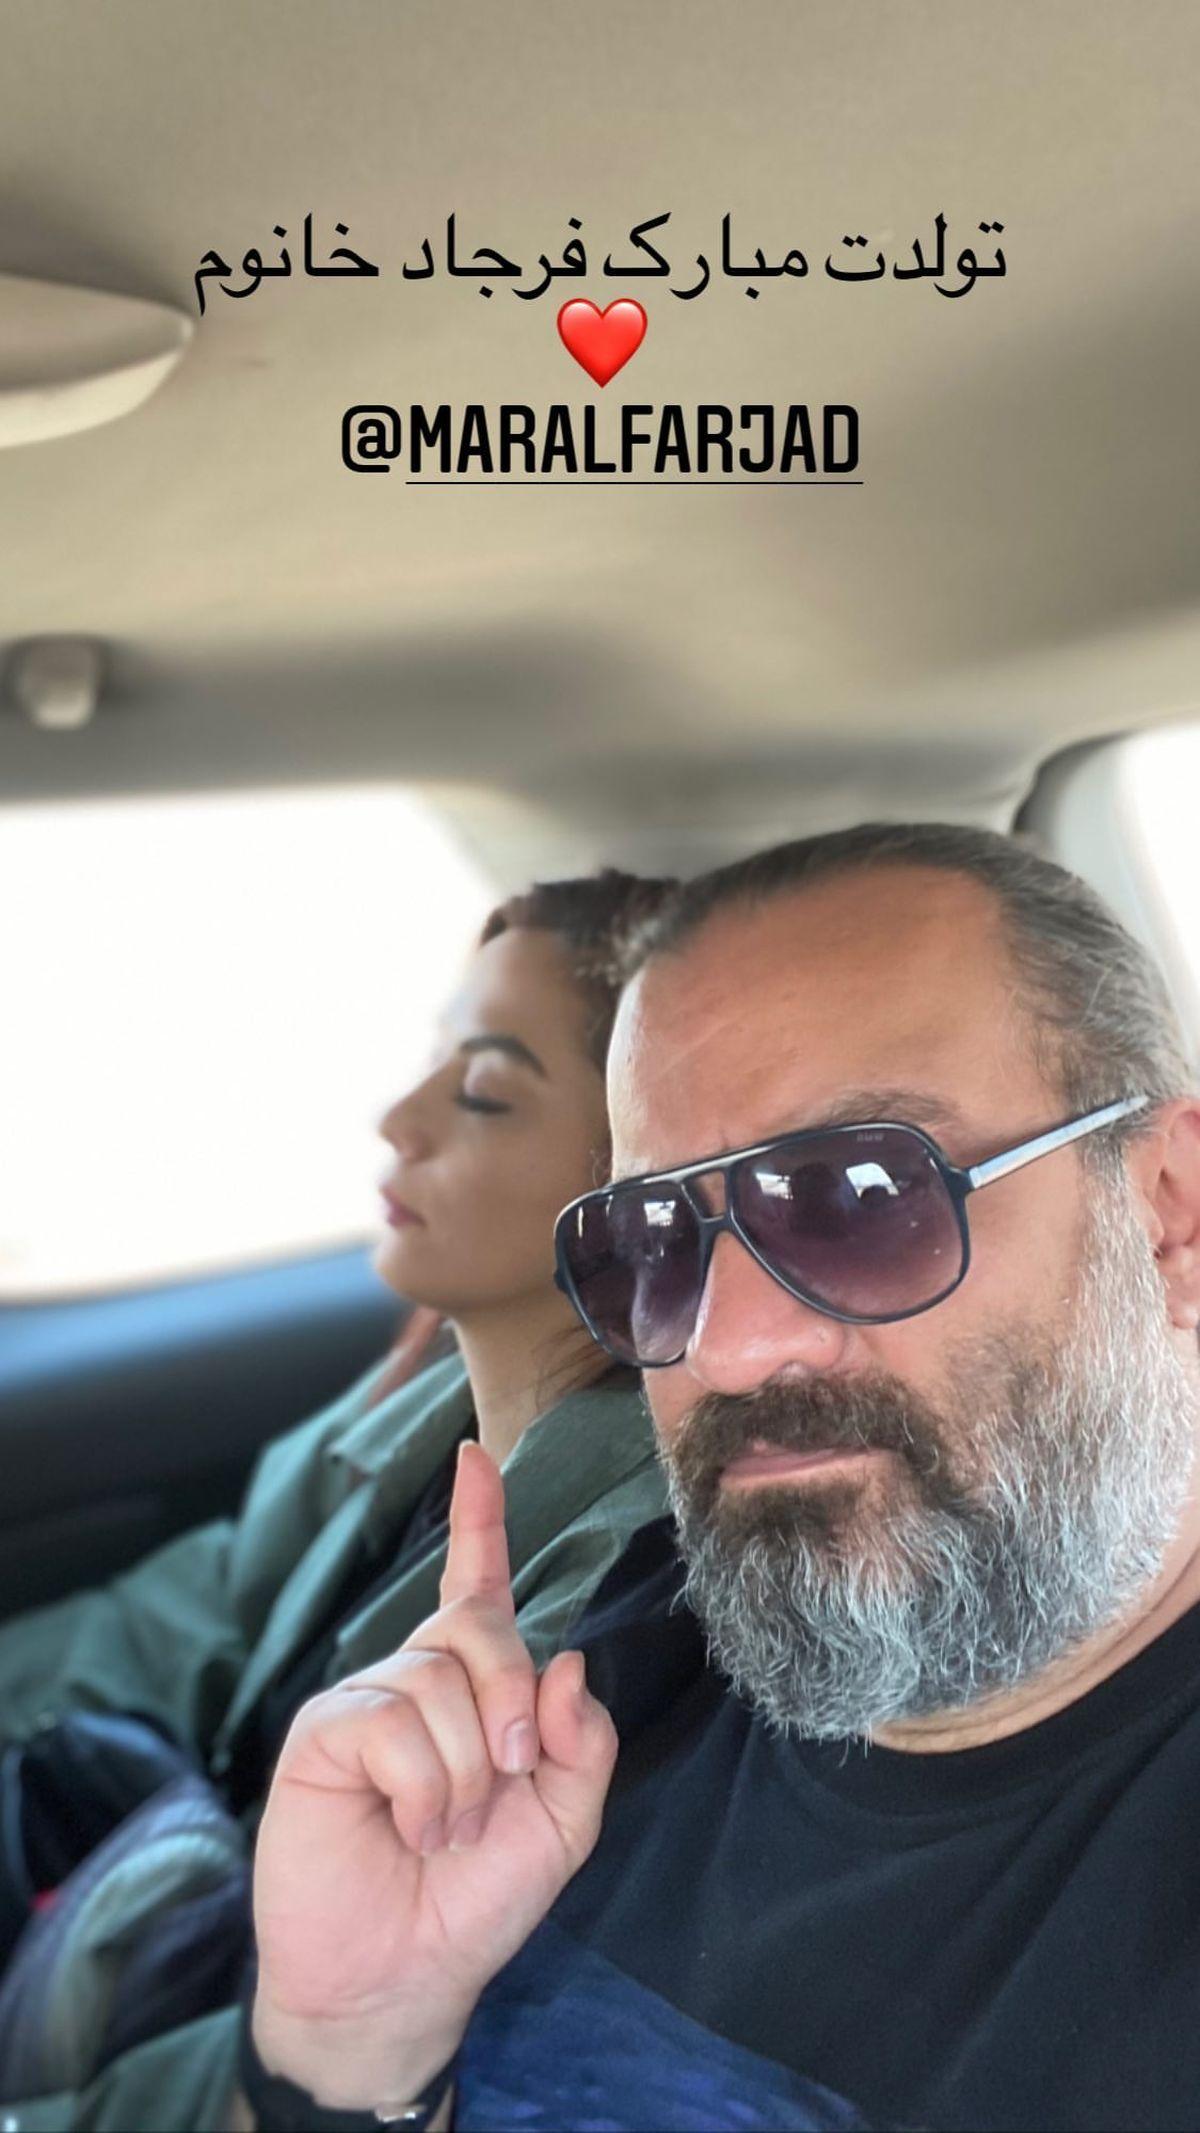 ازدواج مارال فرجاد با شوهر سابق شقایق دهقان؟ /عکس